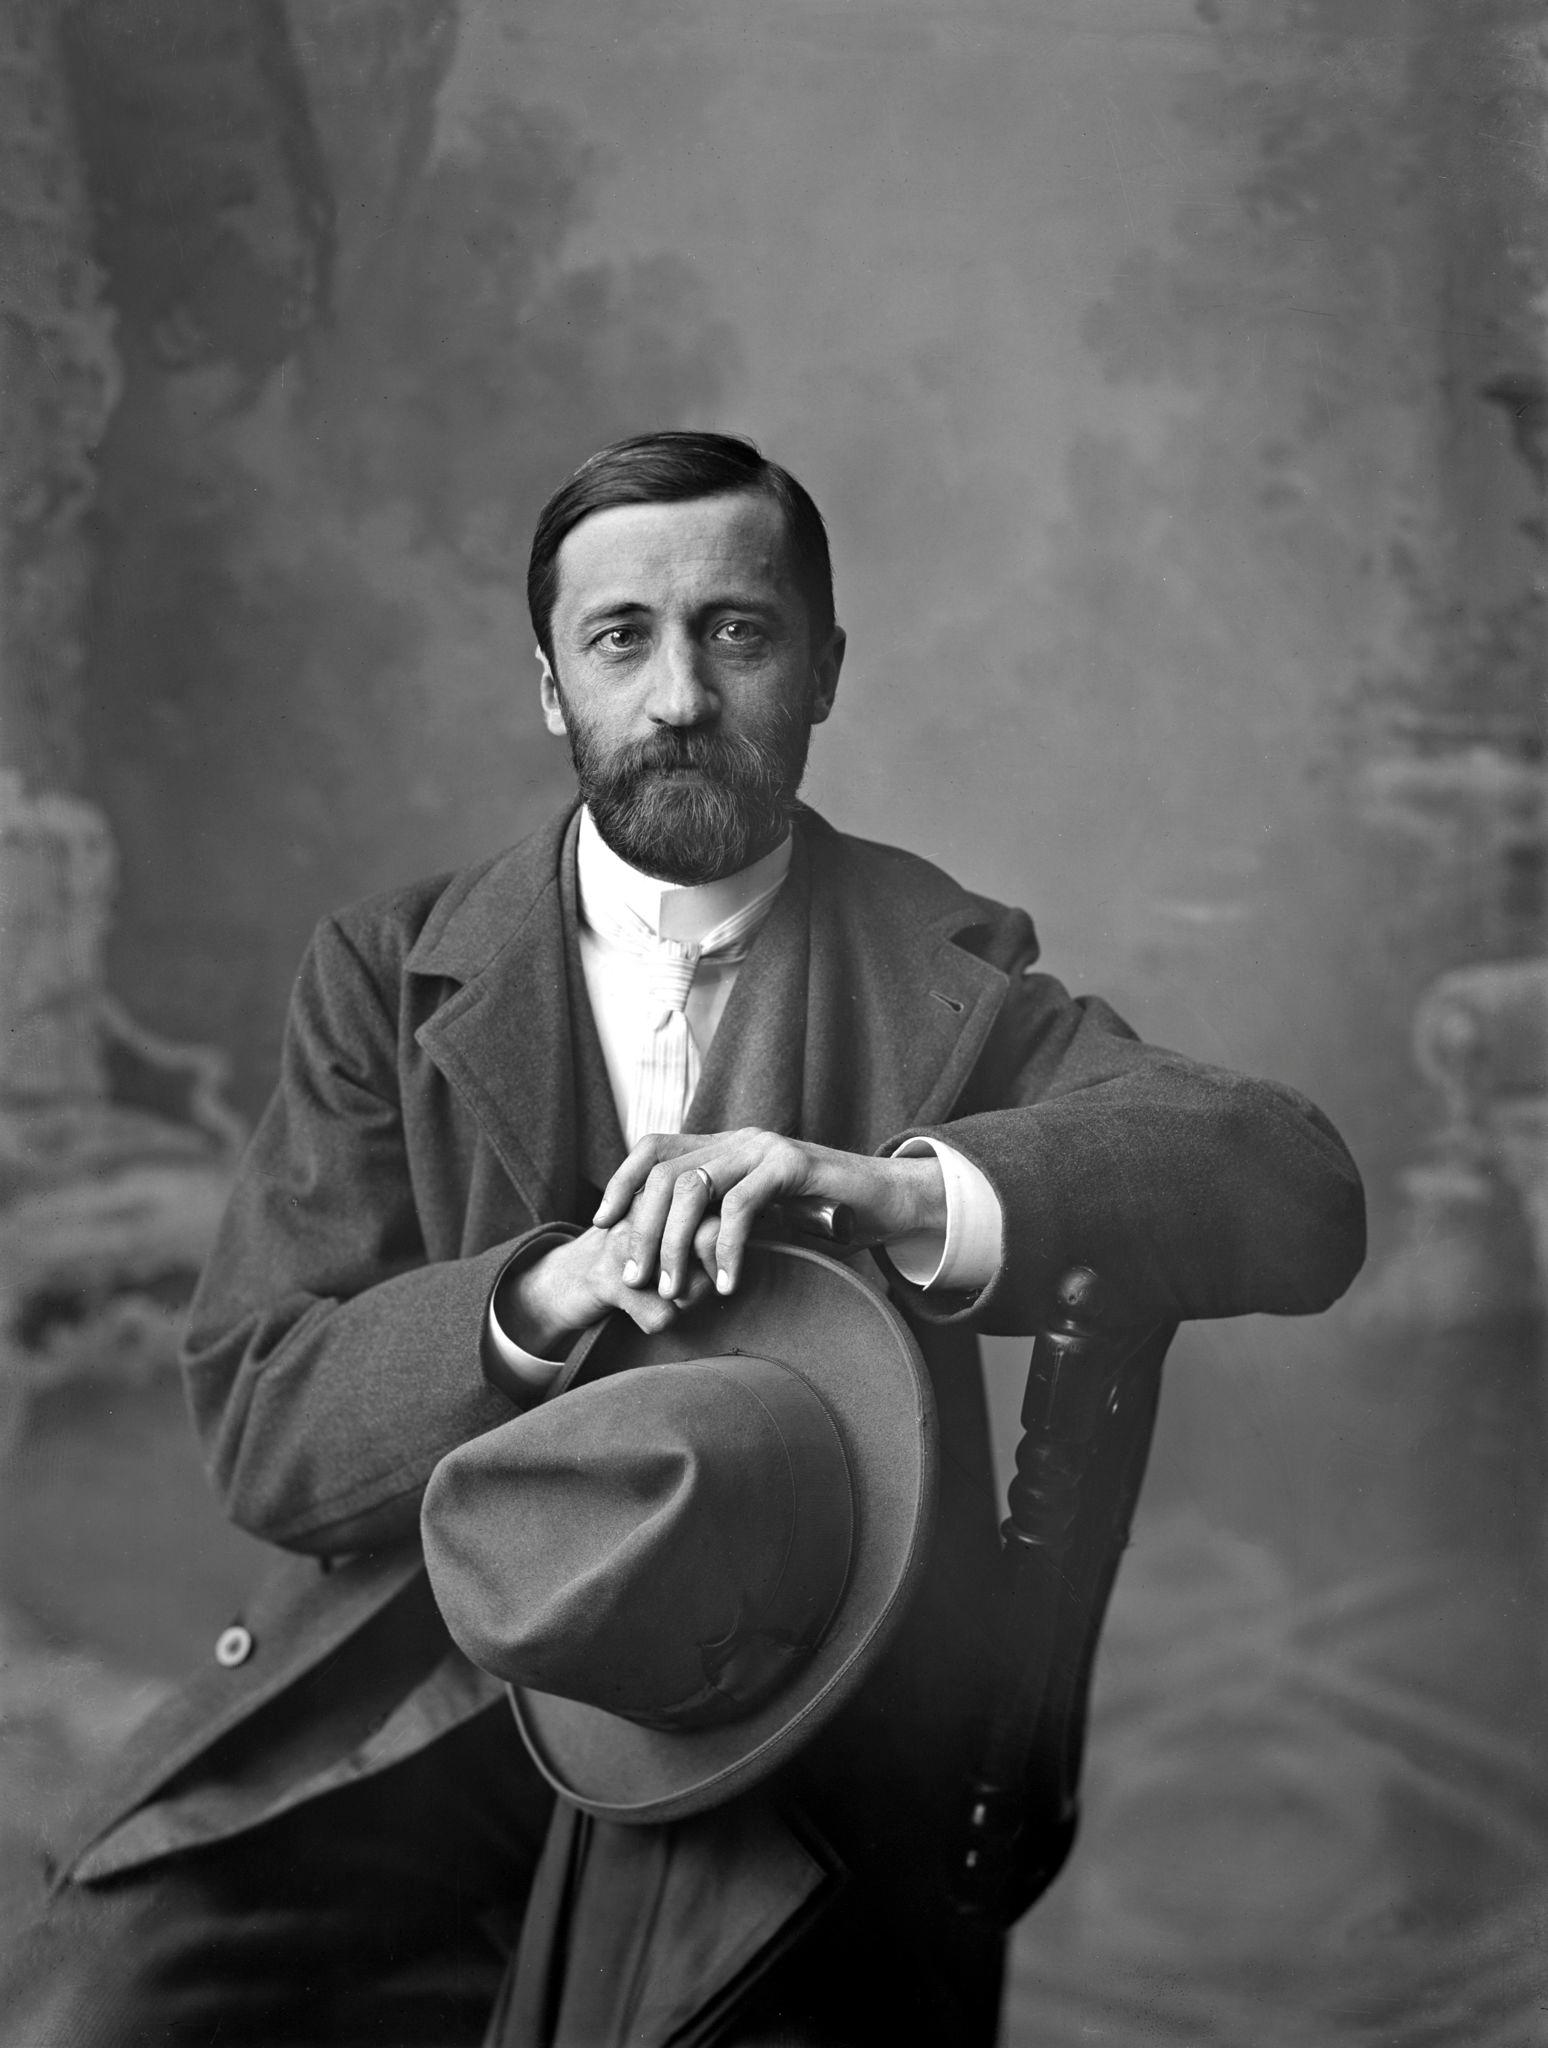 Писатель Дмитрий Мережковский в портретной студии Максима Дмитриева